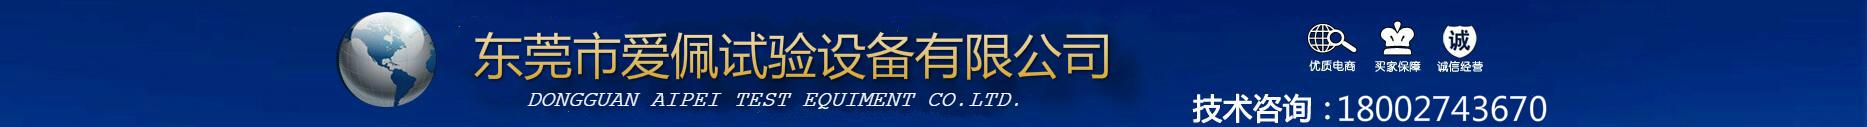 東莞市愛佩試驗設備有限公司